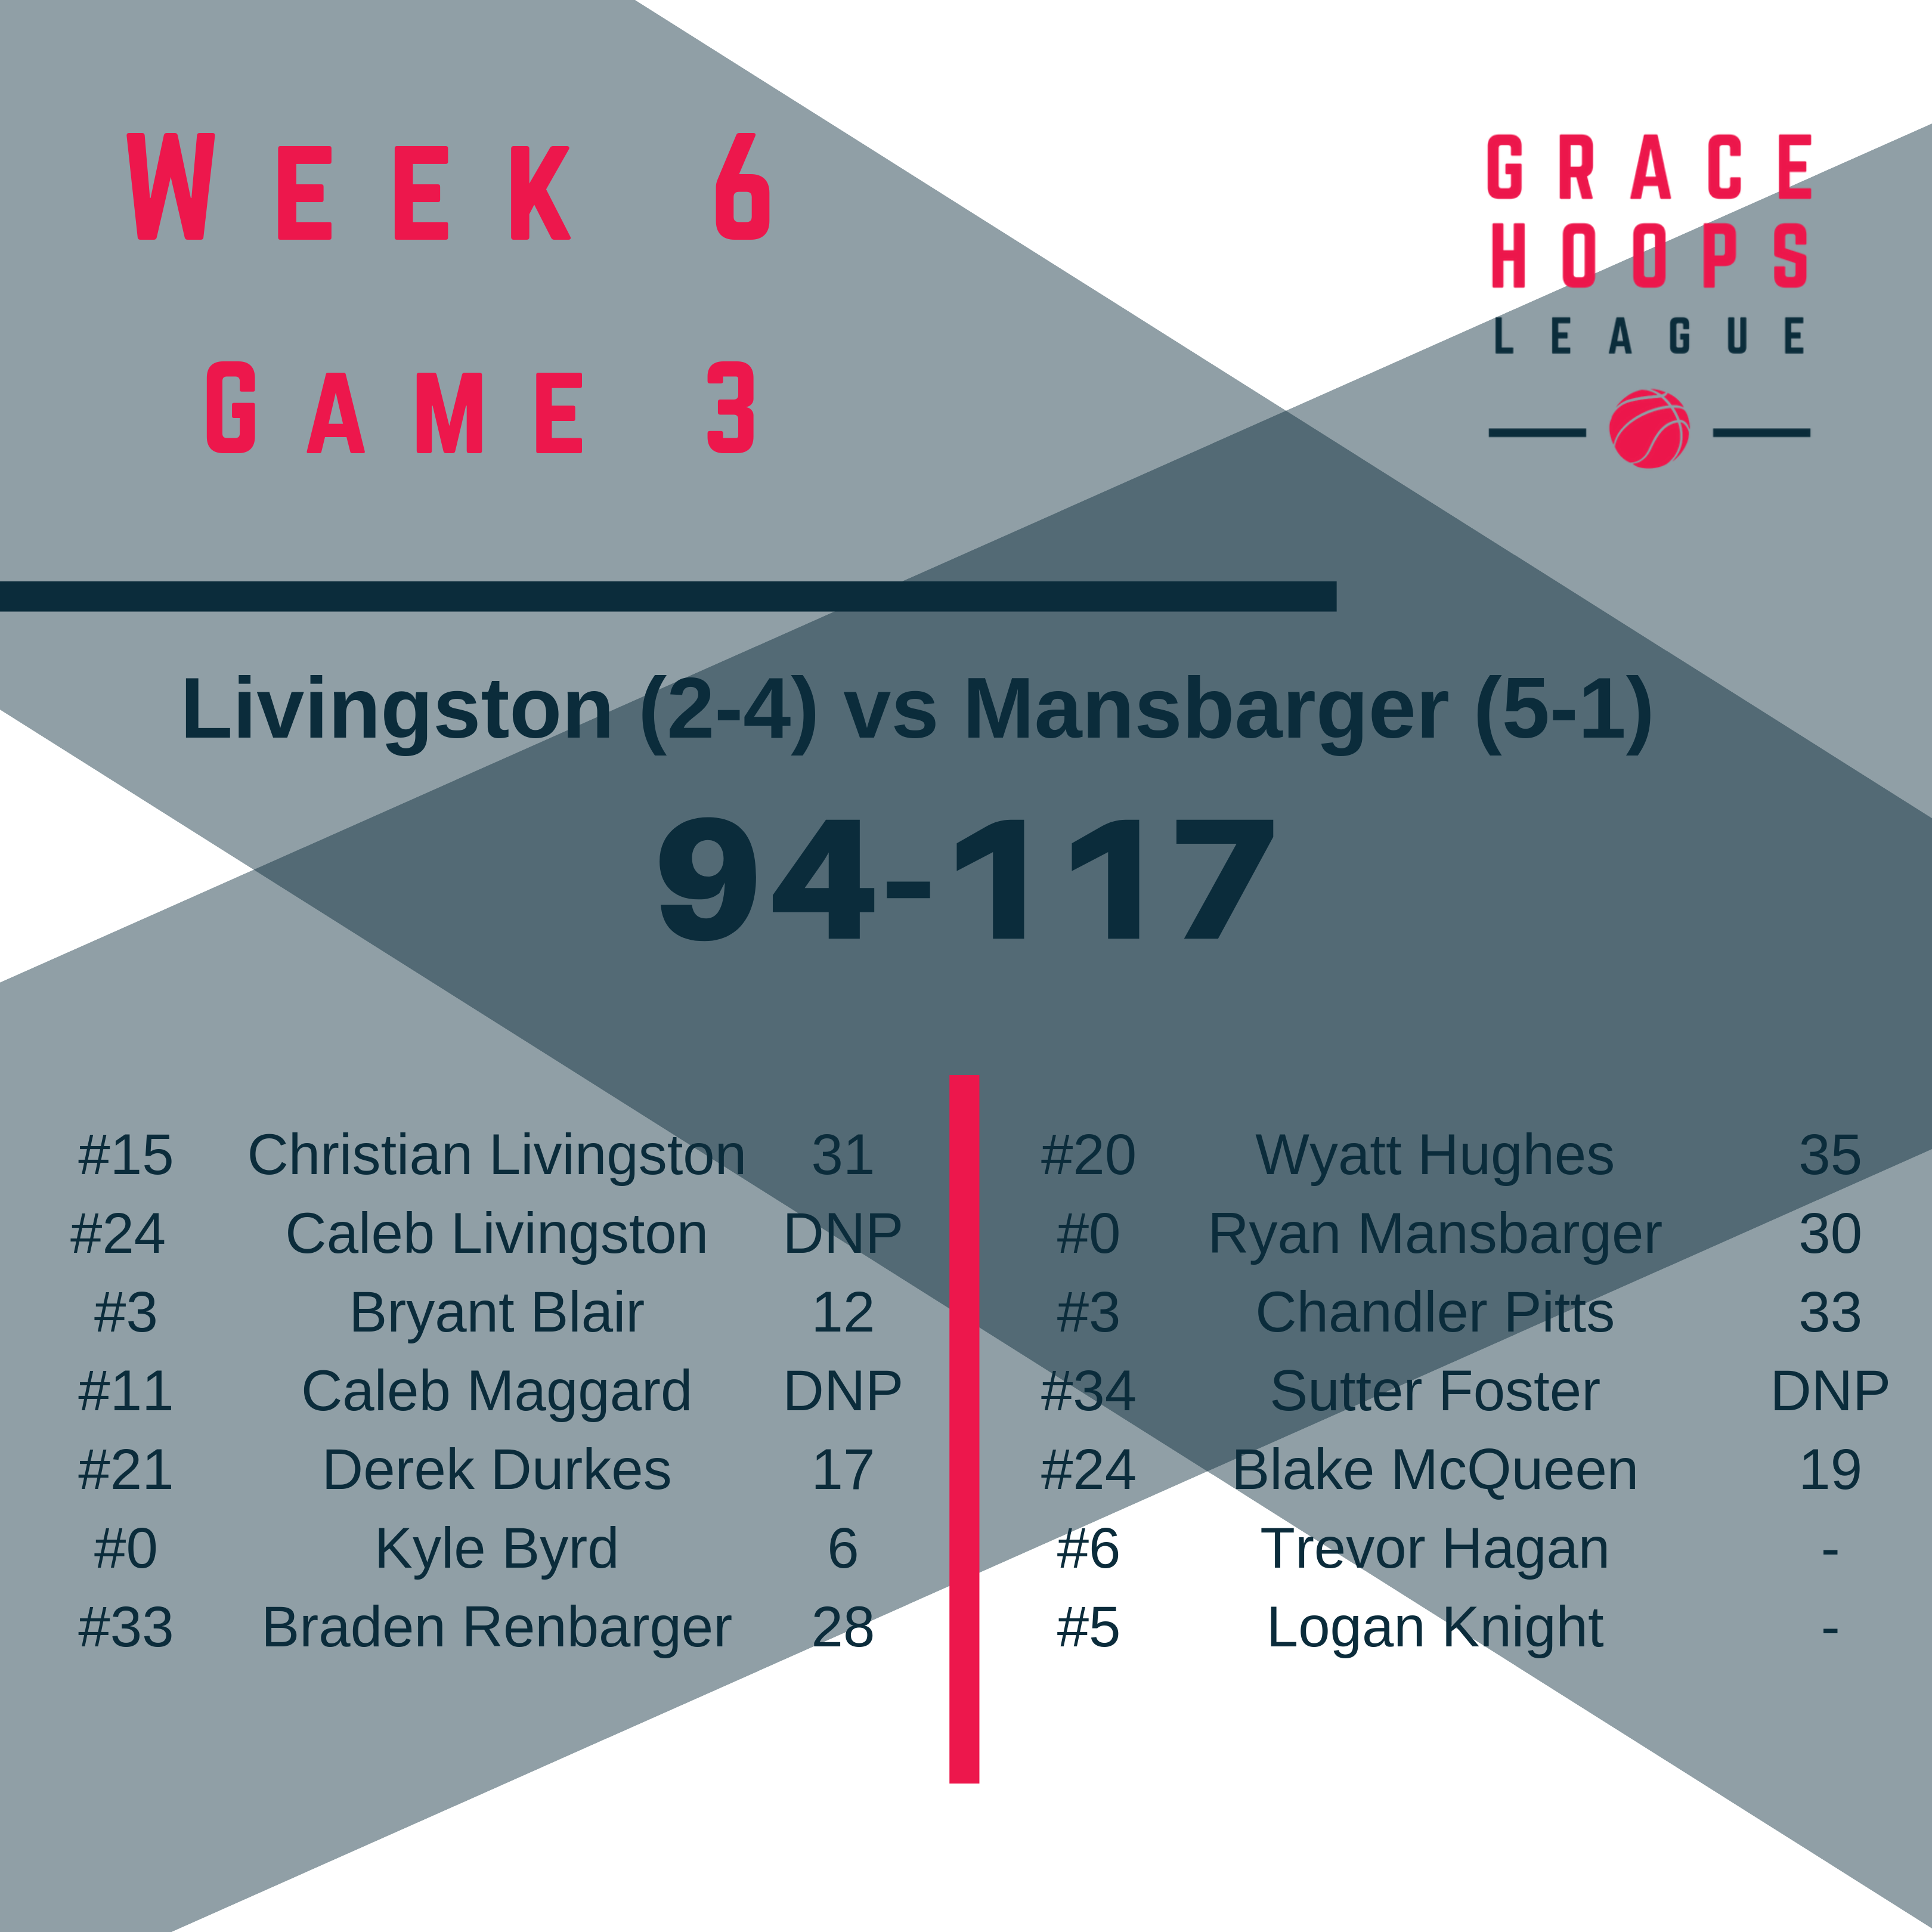 Week 6 Game 3